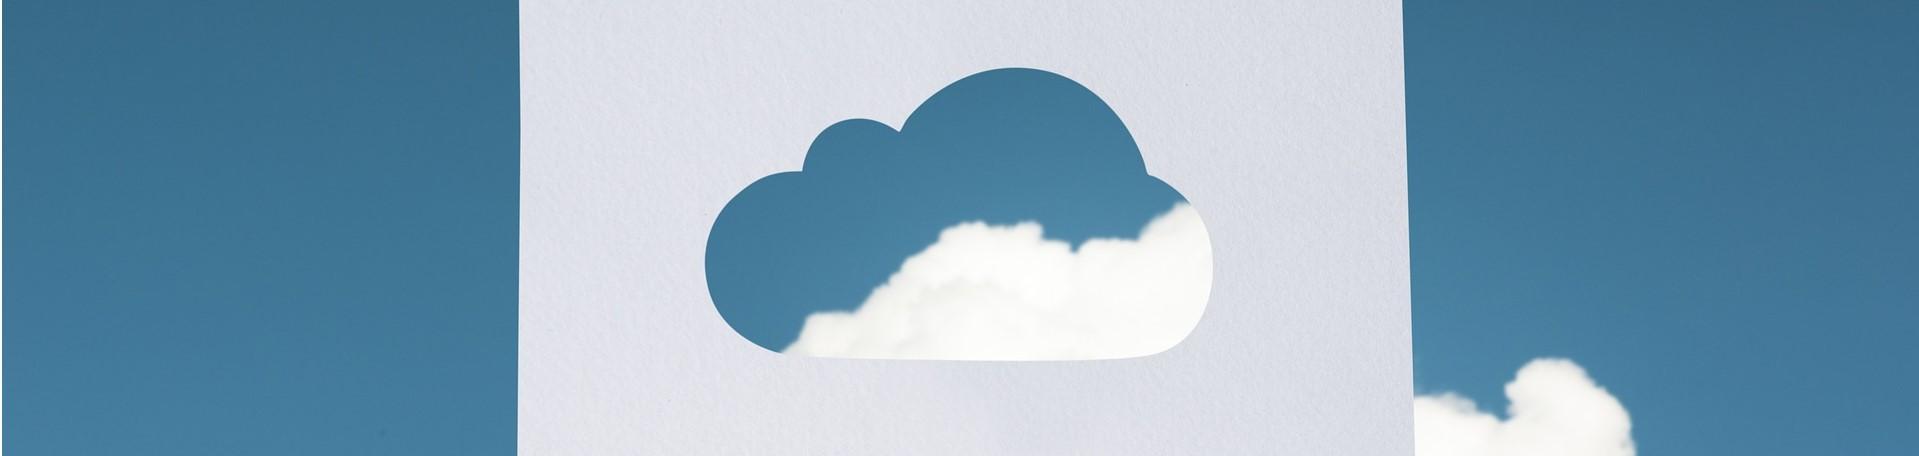 Cloud cut out